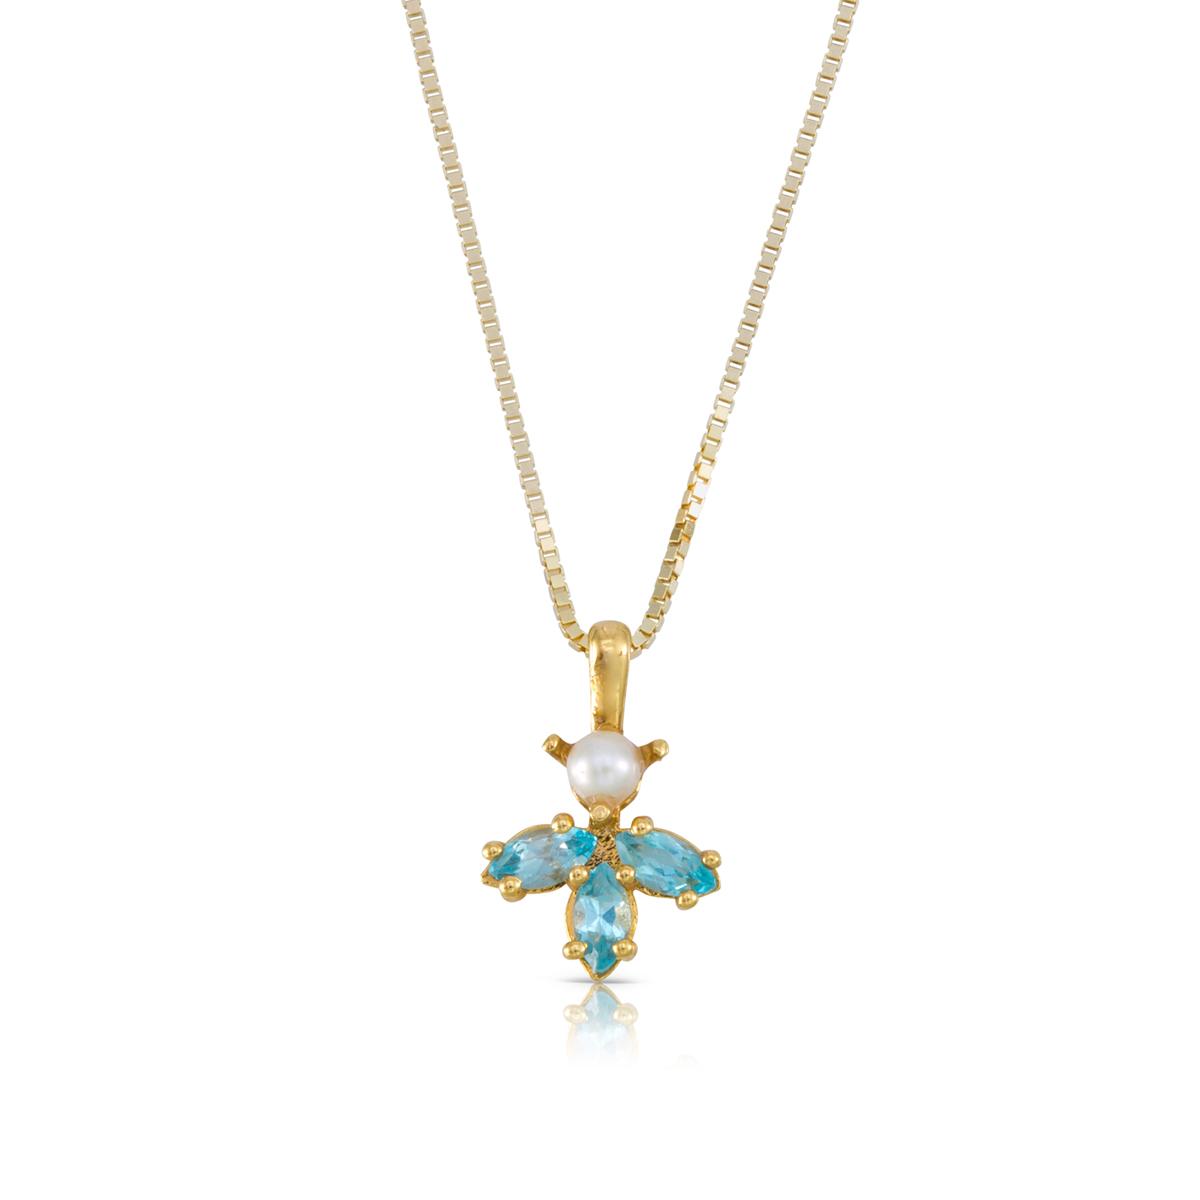 שרשרת זהב משובצת 3 אבני טופז כחולות בחיתוך מרקיזה ופנינה